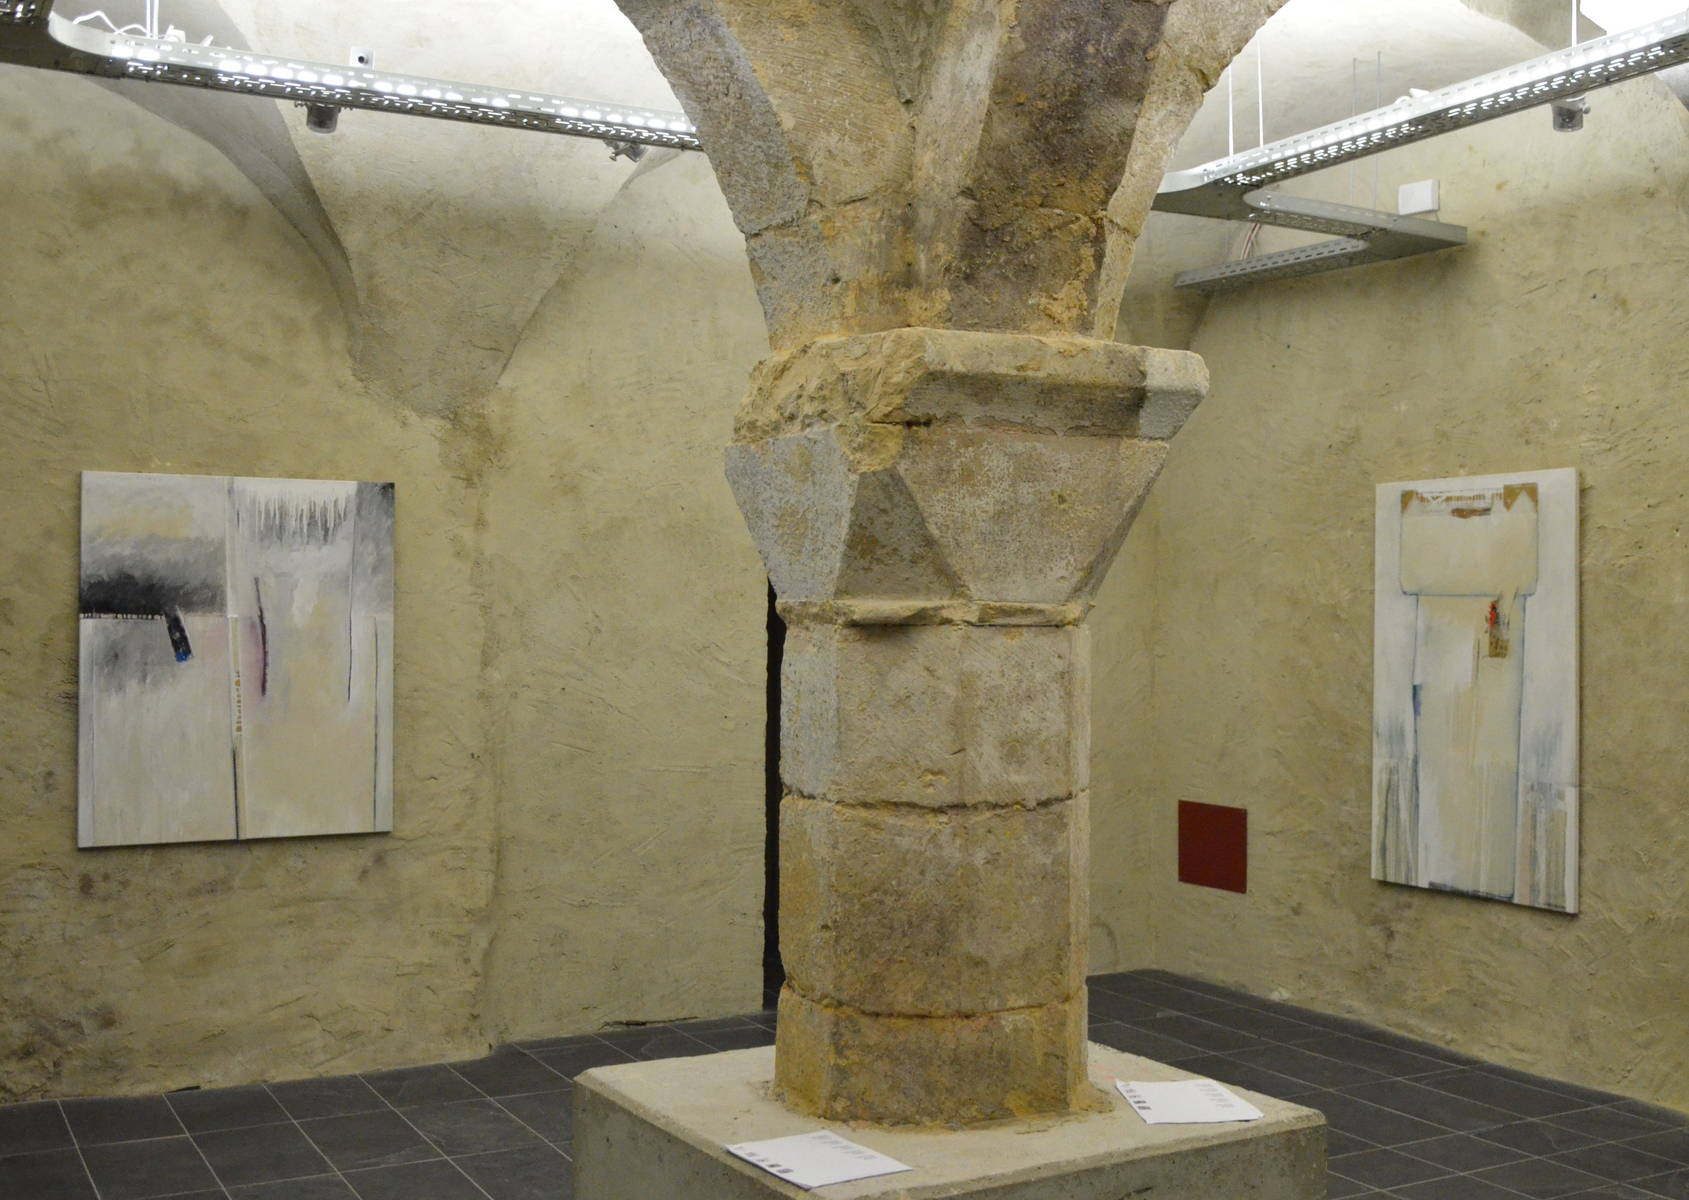 4_Robert Brandy 2012 luxembourg 103